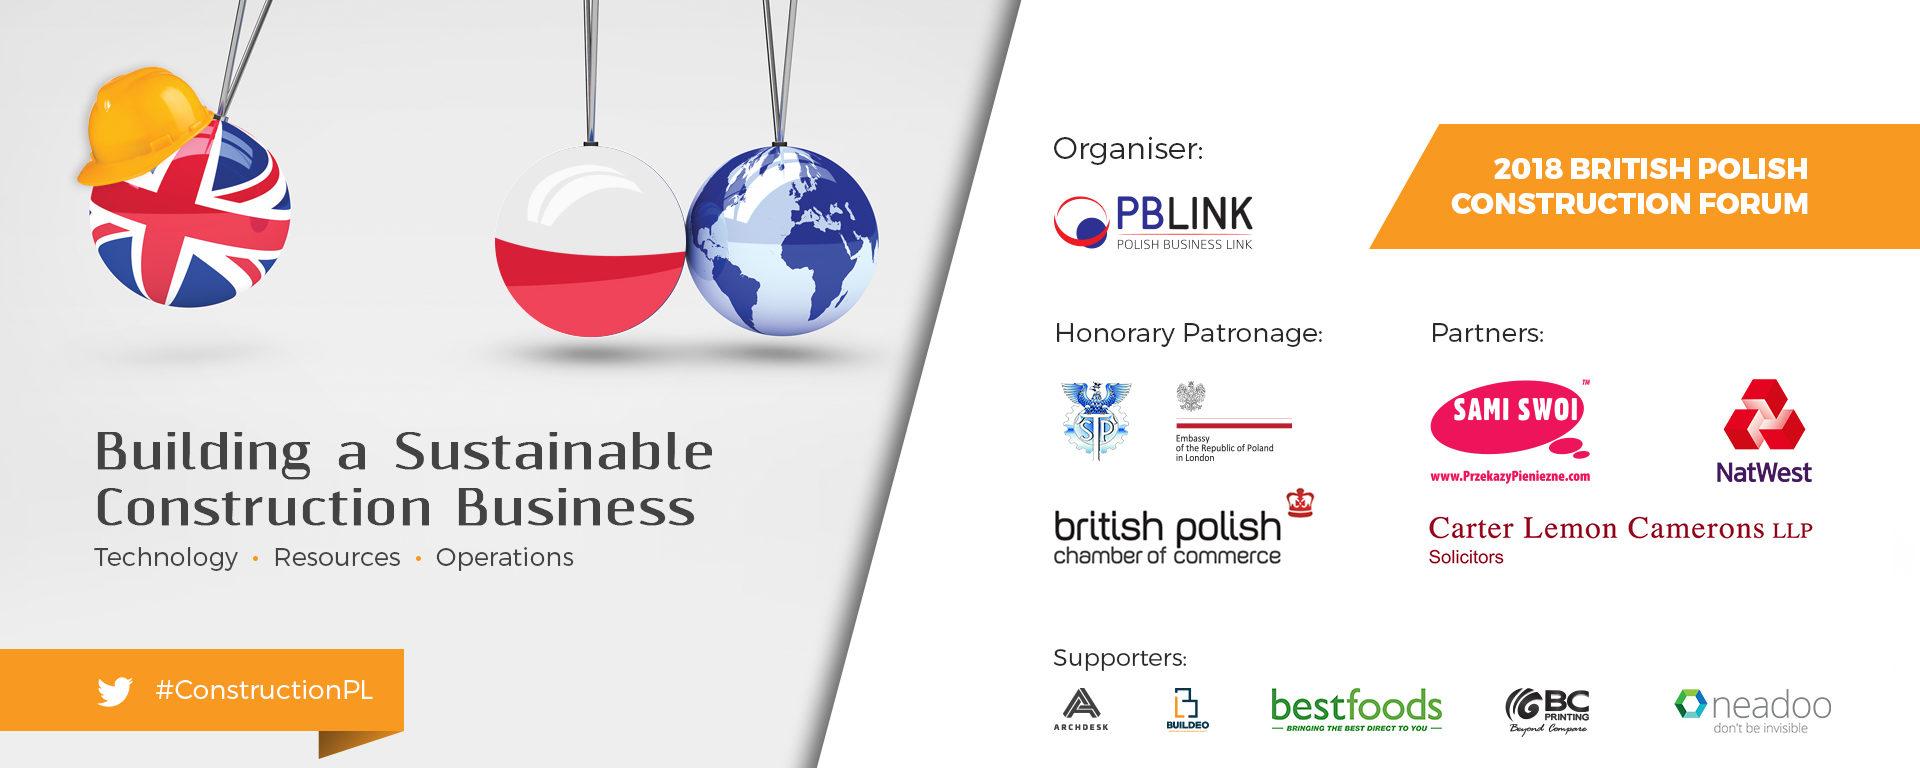 British-Polish Construction Forum 2018